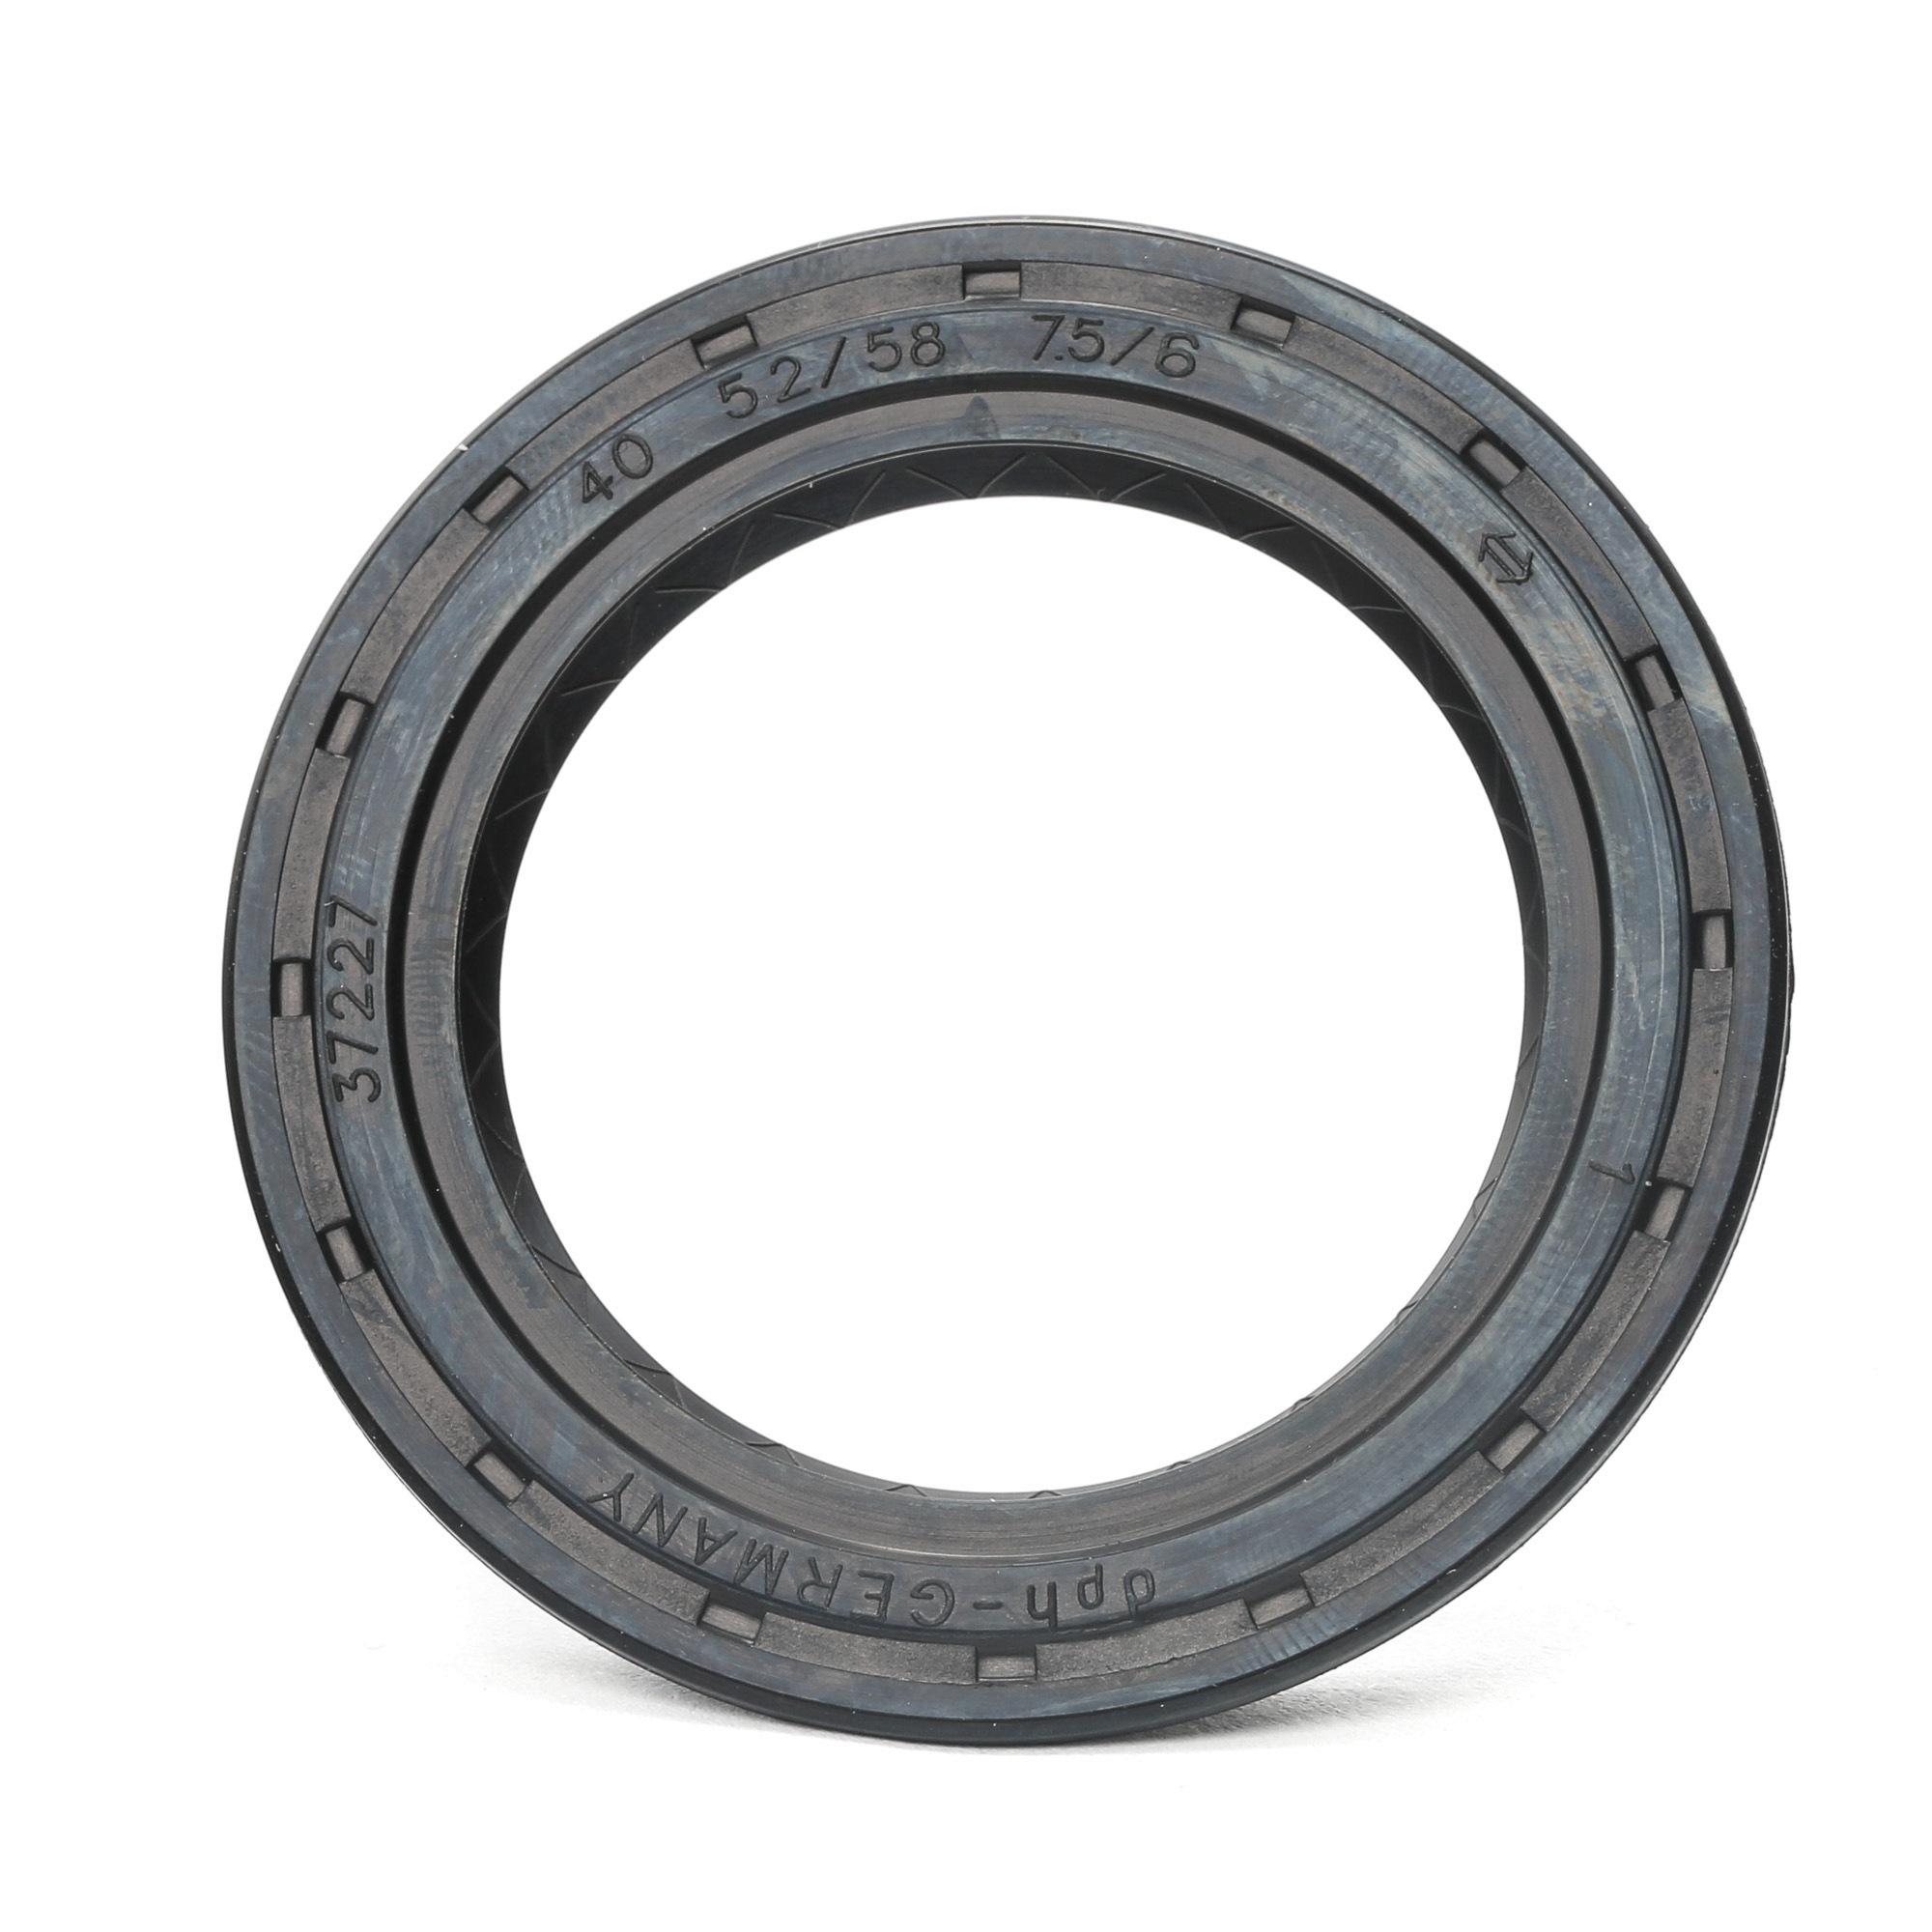 Retén del buje de rueda V10-2267 24 horas al día comprar online